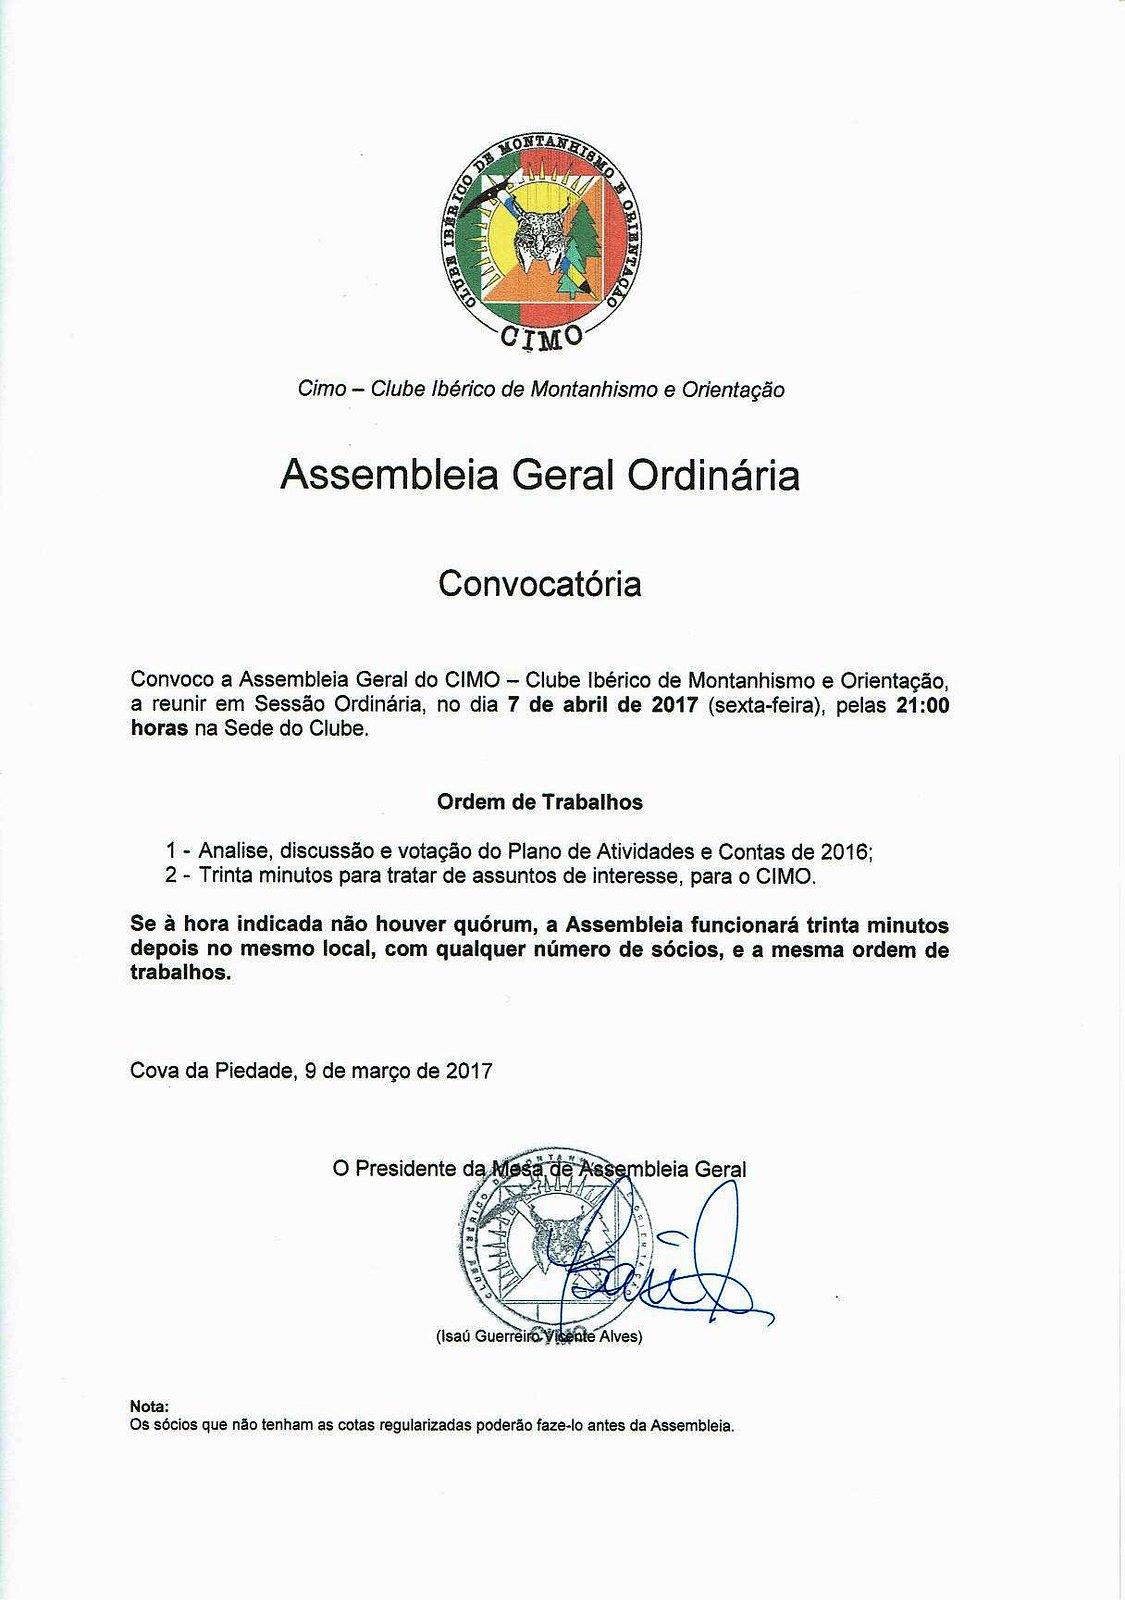 Convocatória 2017